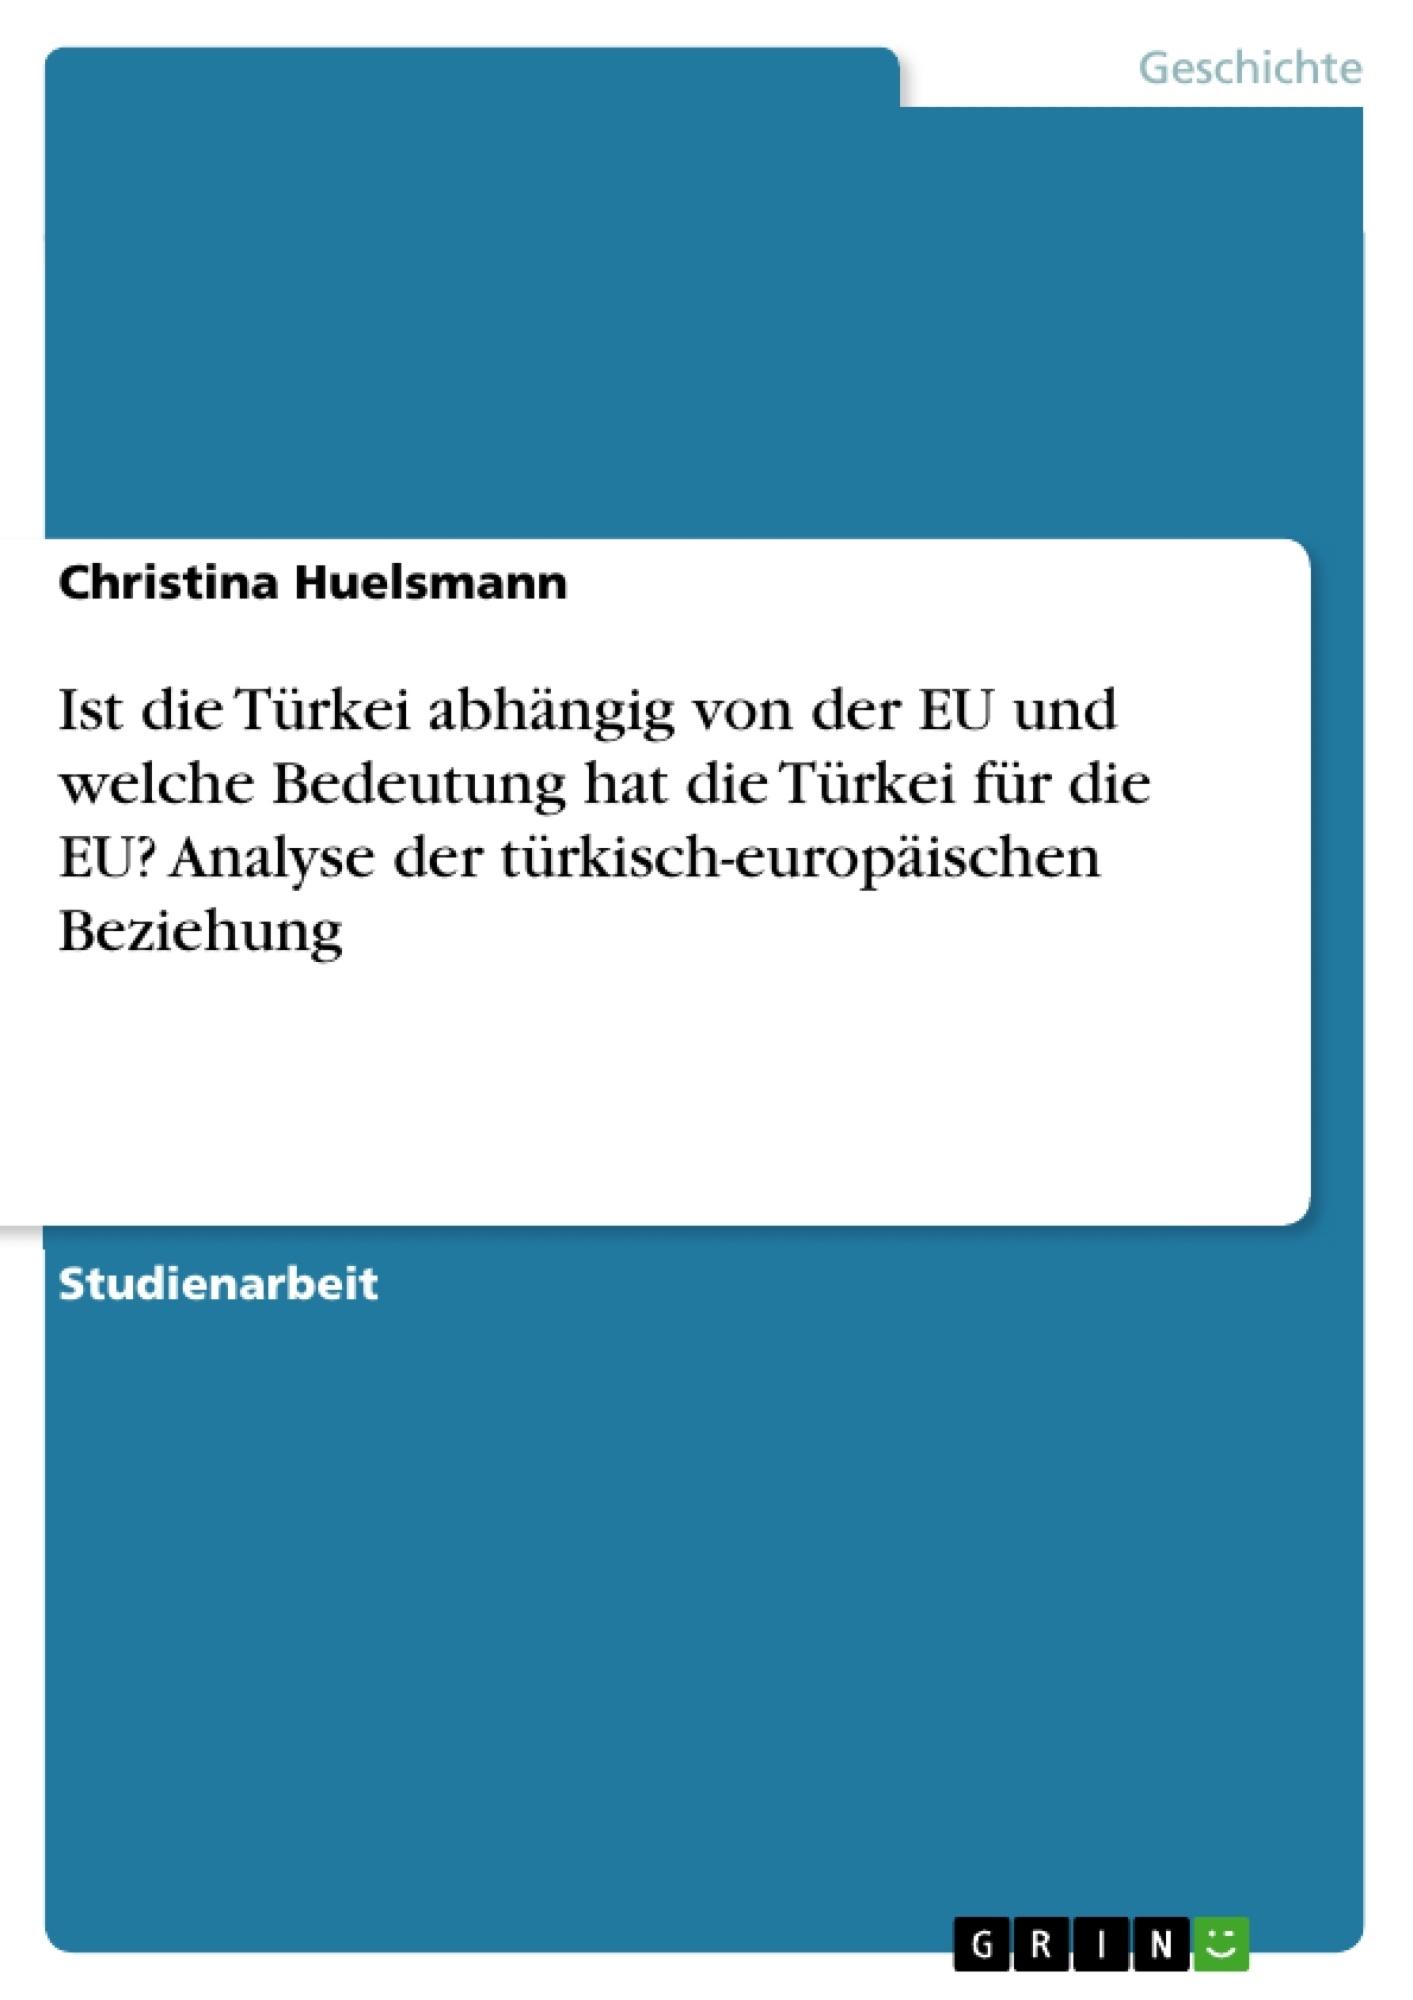 Titel: Ist die Türkei abhängig von der EU und welche Bedeutung hat die Türkei für die EU? Analyse der türkisch-europäischen Beziehung